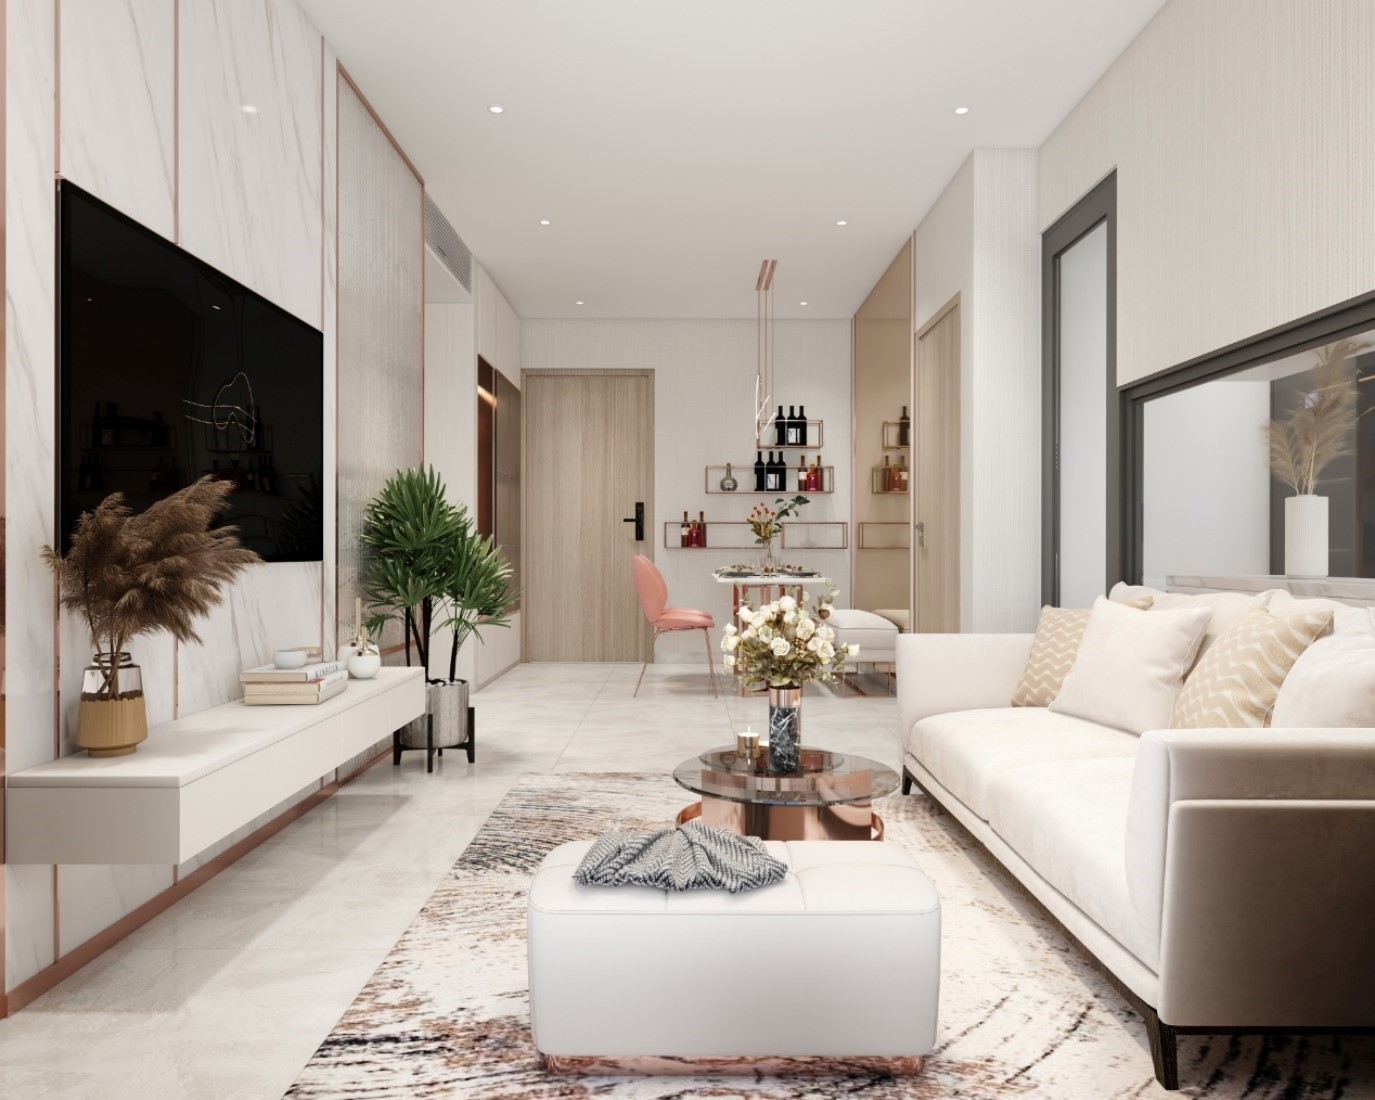 phòng khách căn hộ màu trắng